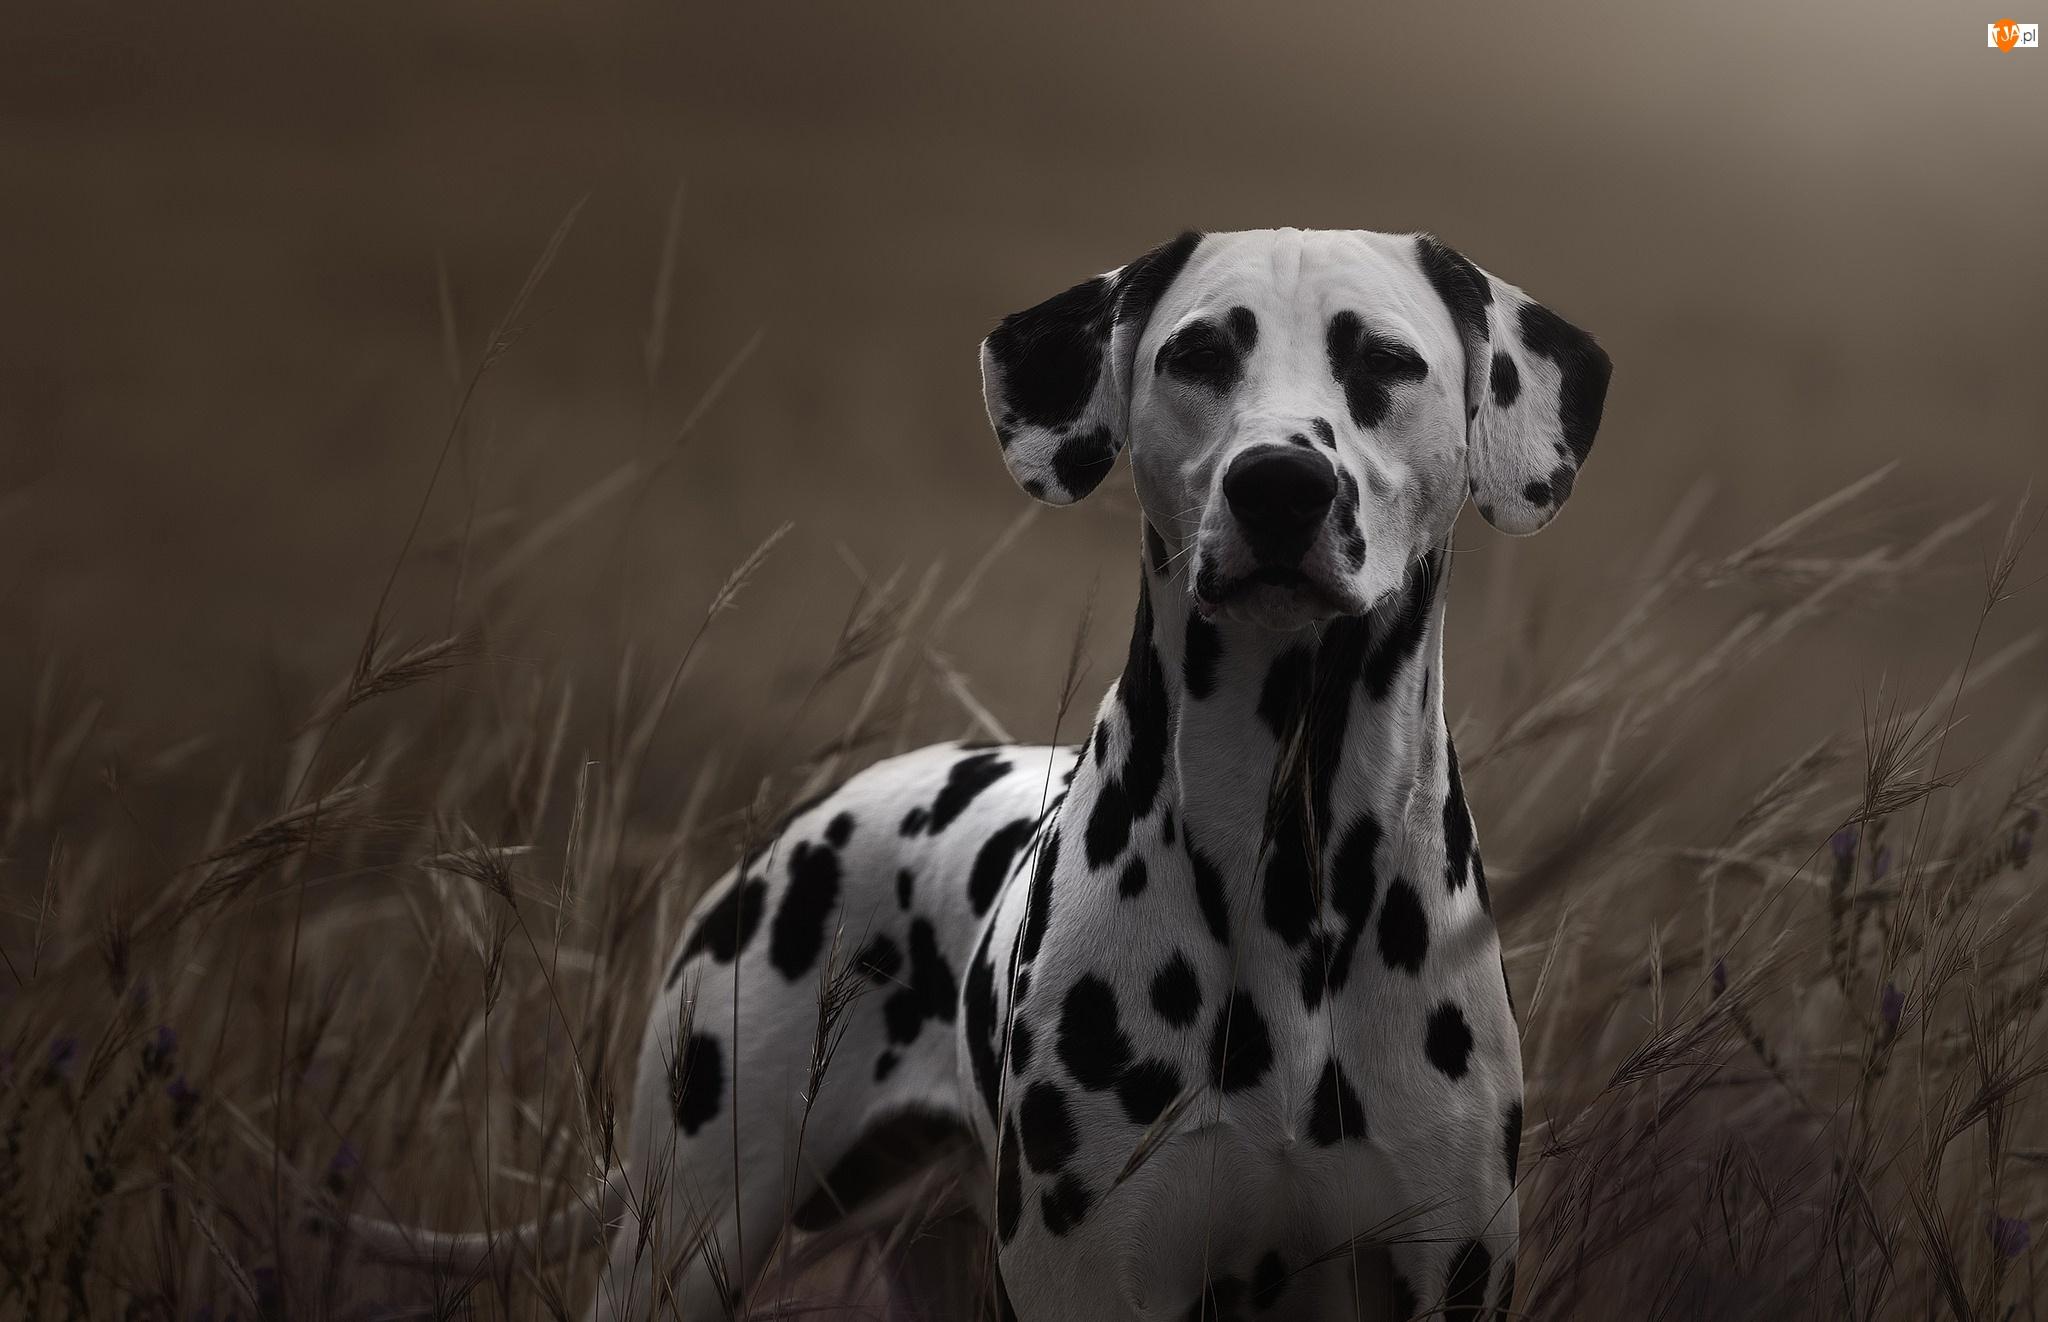 Trawa, Pies, Dalmatyńczyk